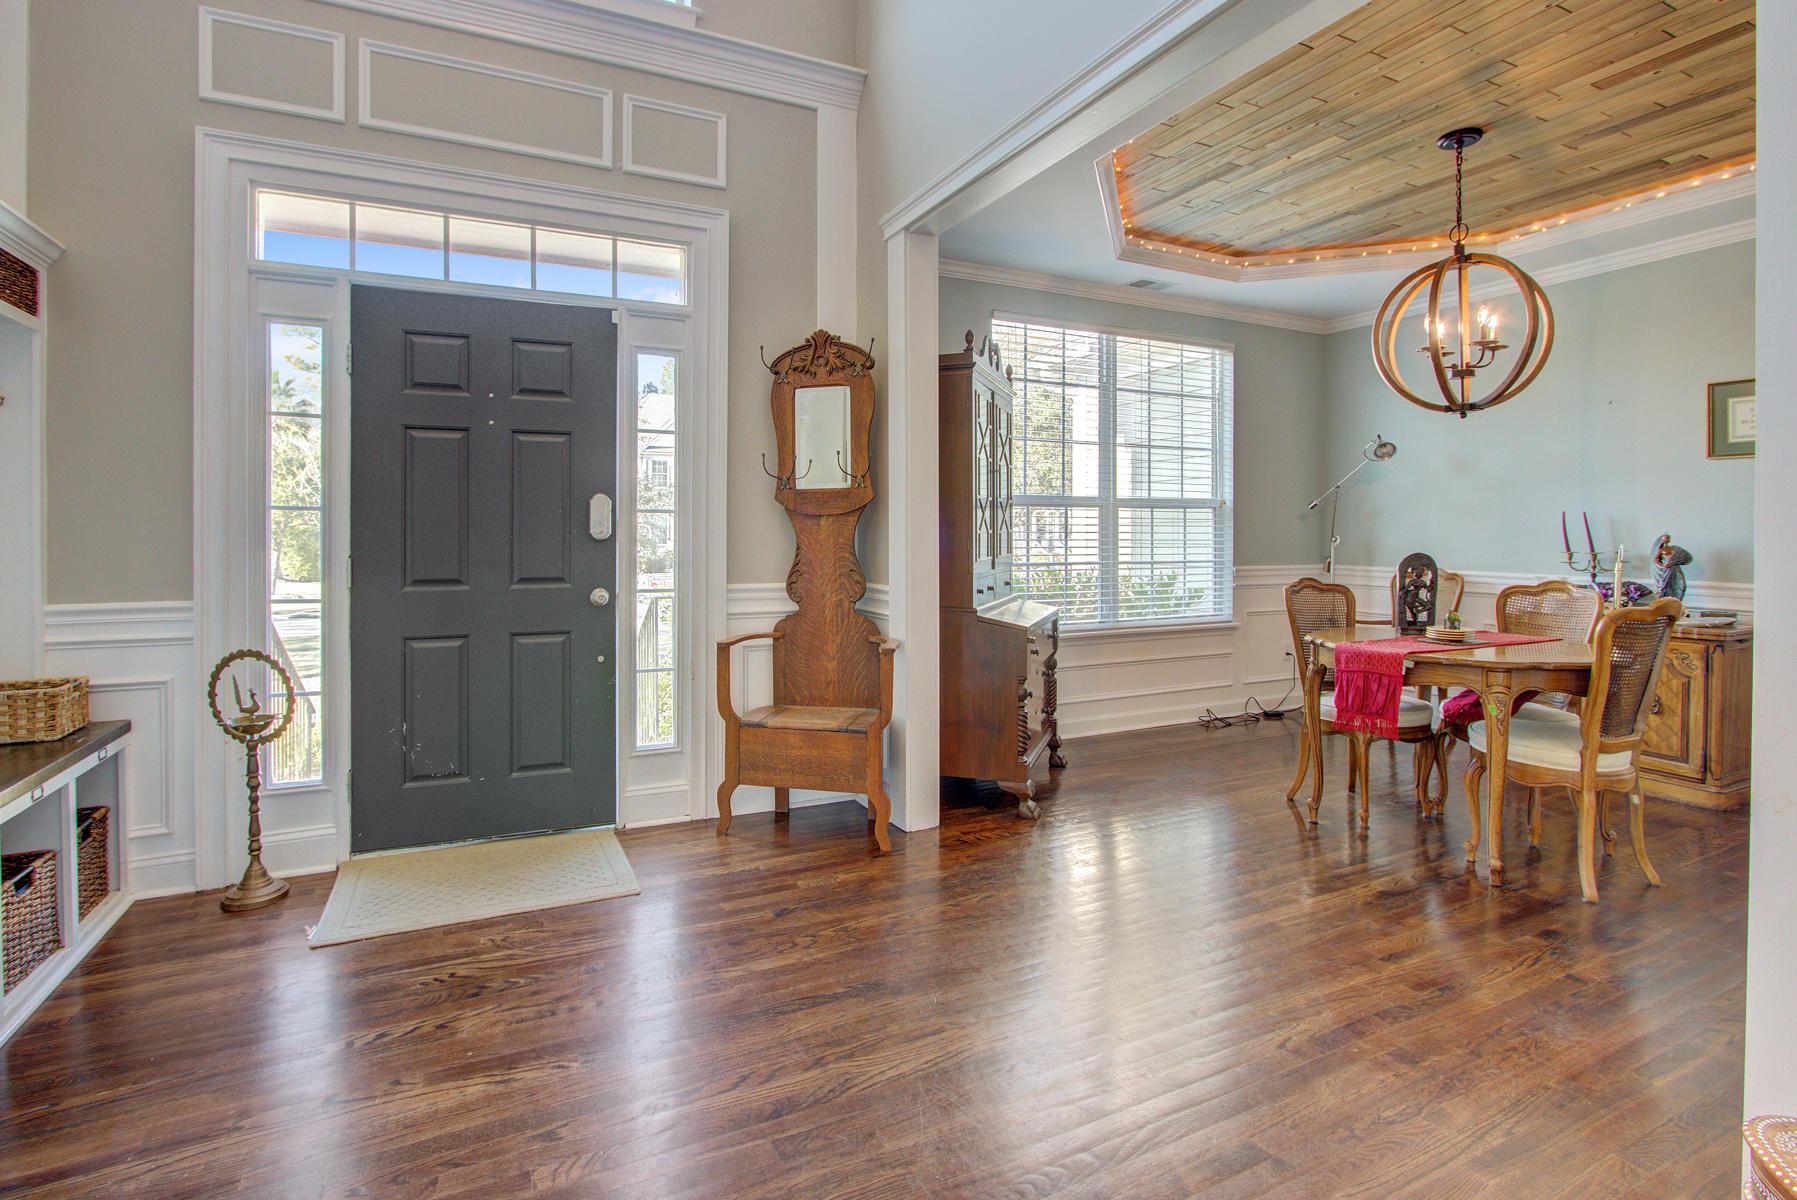 Dunes West Homes For Sale - 2104 Short Grass, Mount Pleasant, SC - 12